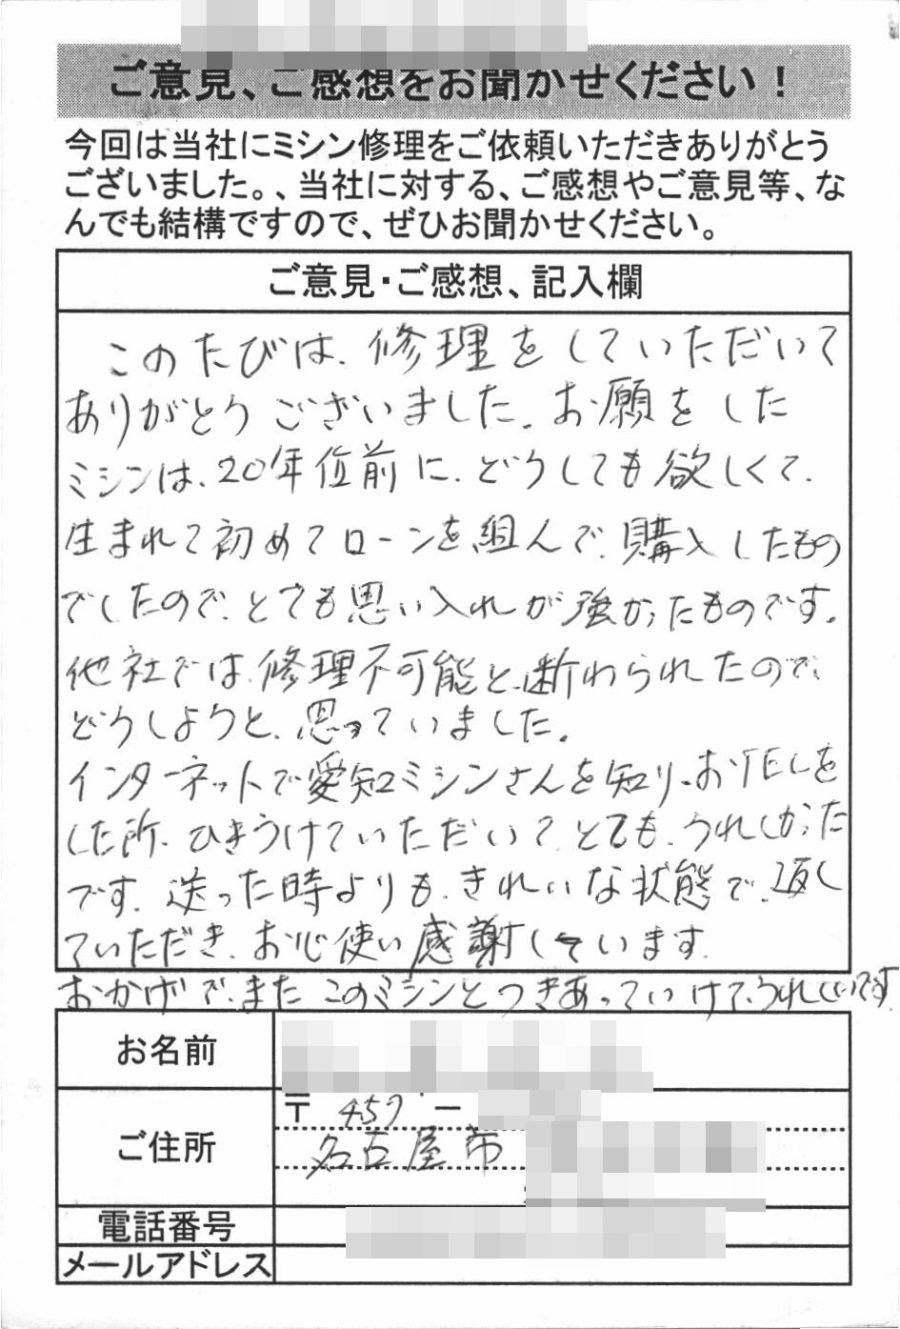 名古屋市からミシン修理のお客様の声